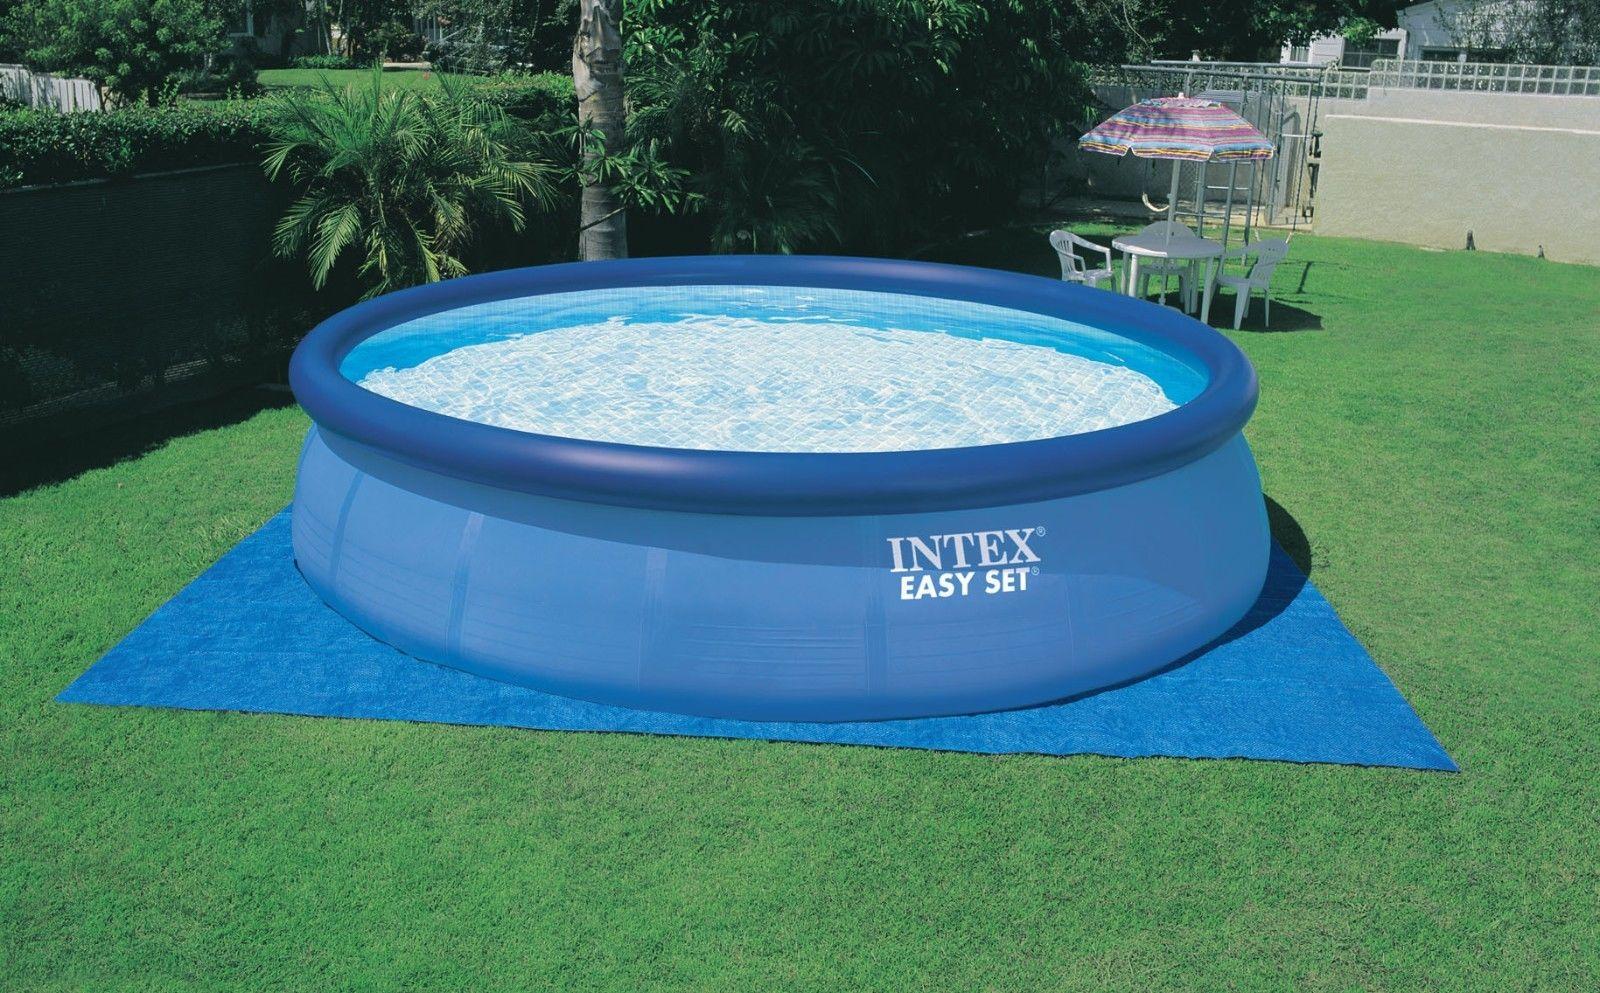 Выбор бассейна для дачи: каркасный, зимний, выбор модели